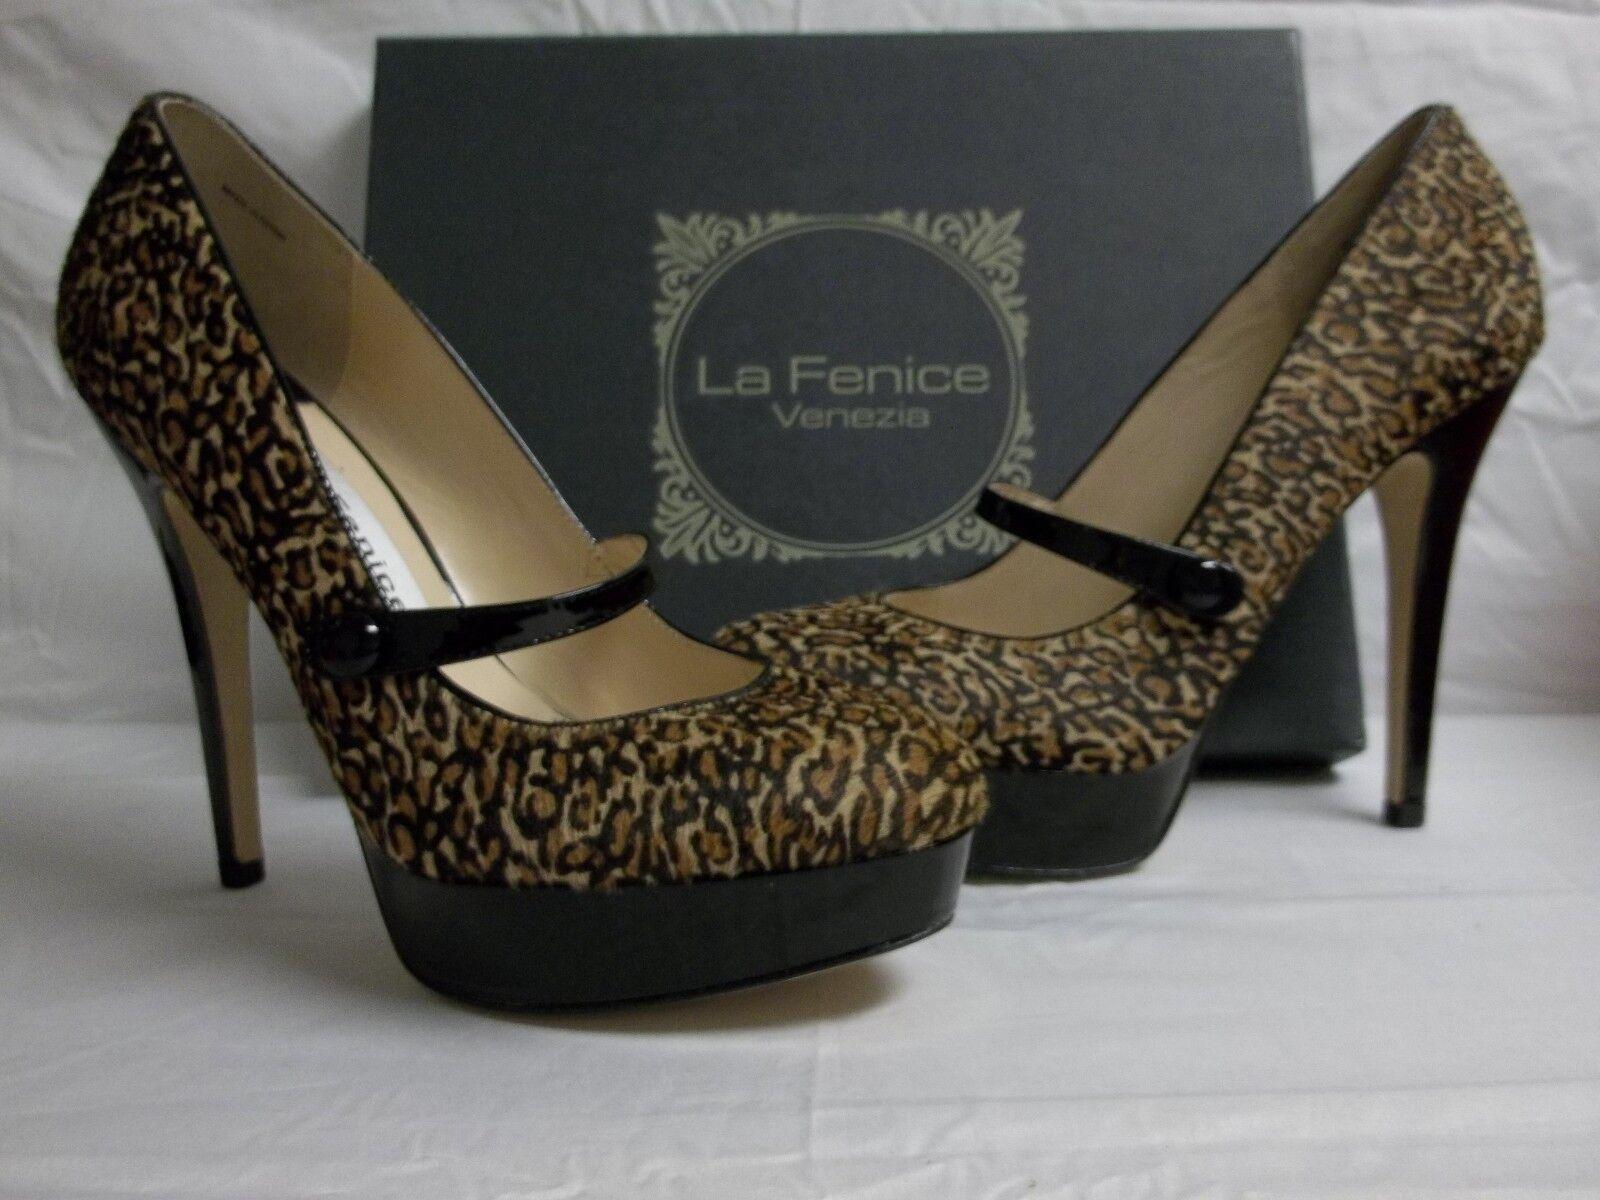 più sconto La La La Fenice Venezia Dimensione 8 M Ginevra Jaguar Leather Mary Janes New donna scarpe  qualità di prima classe